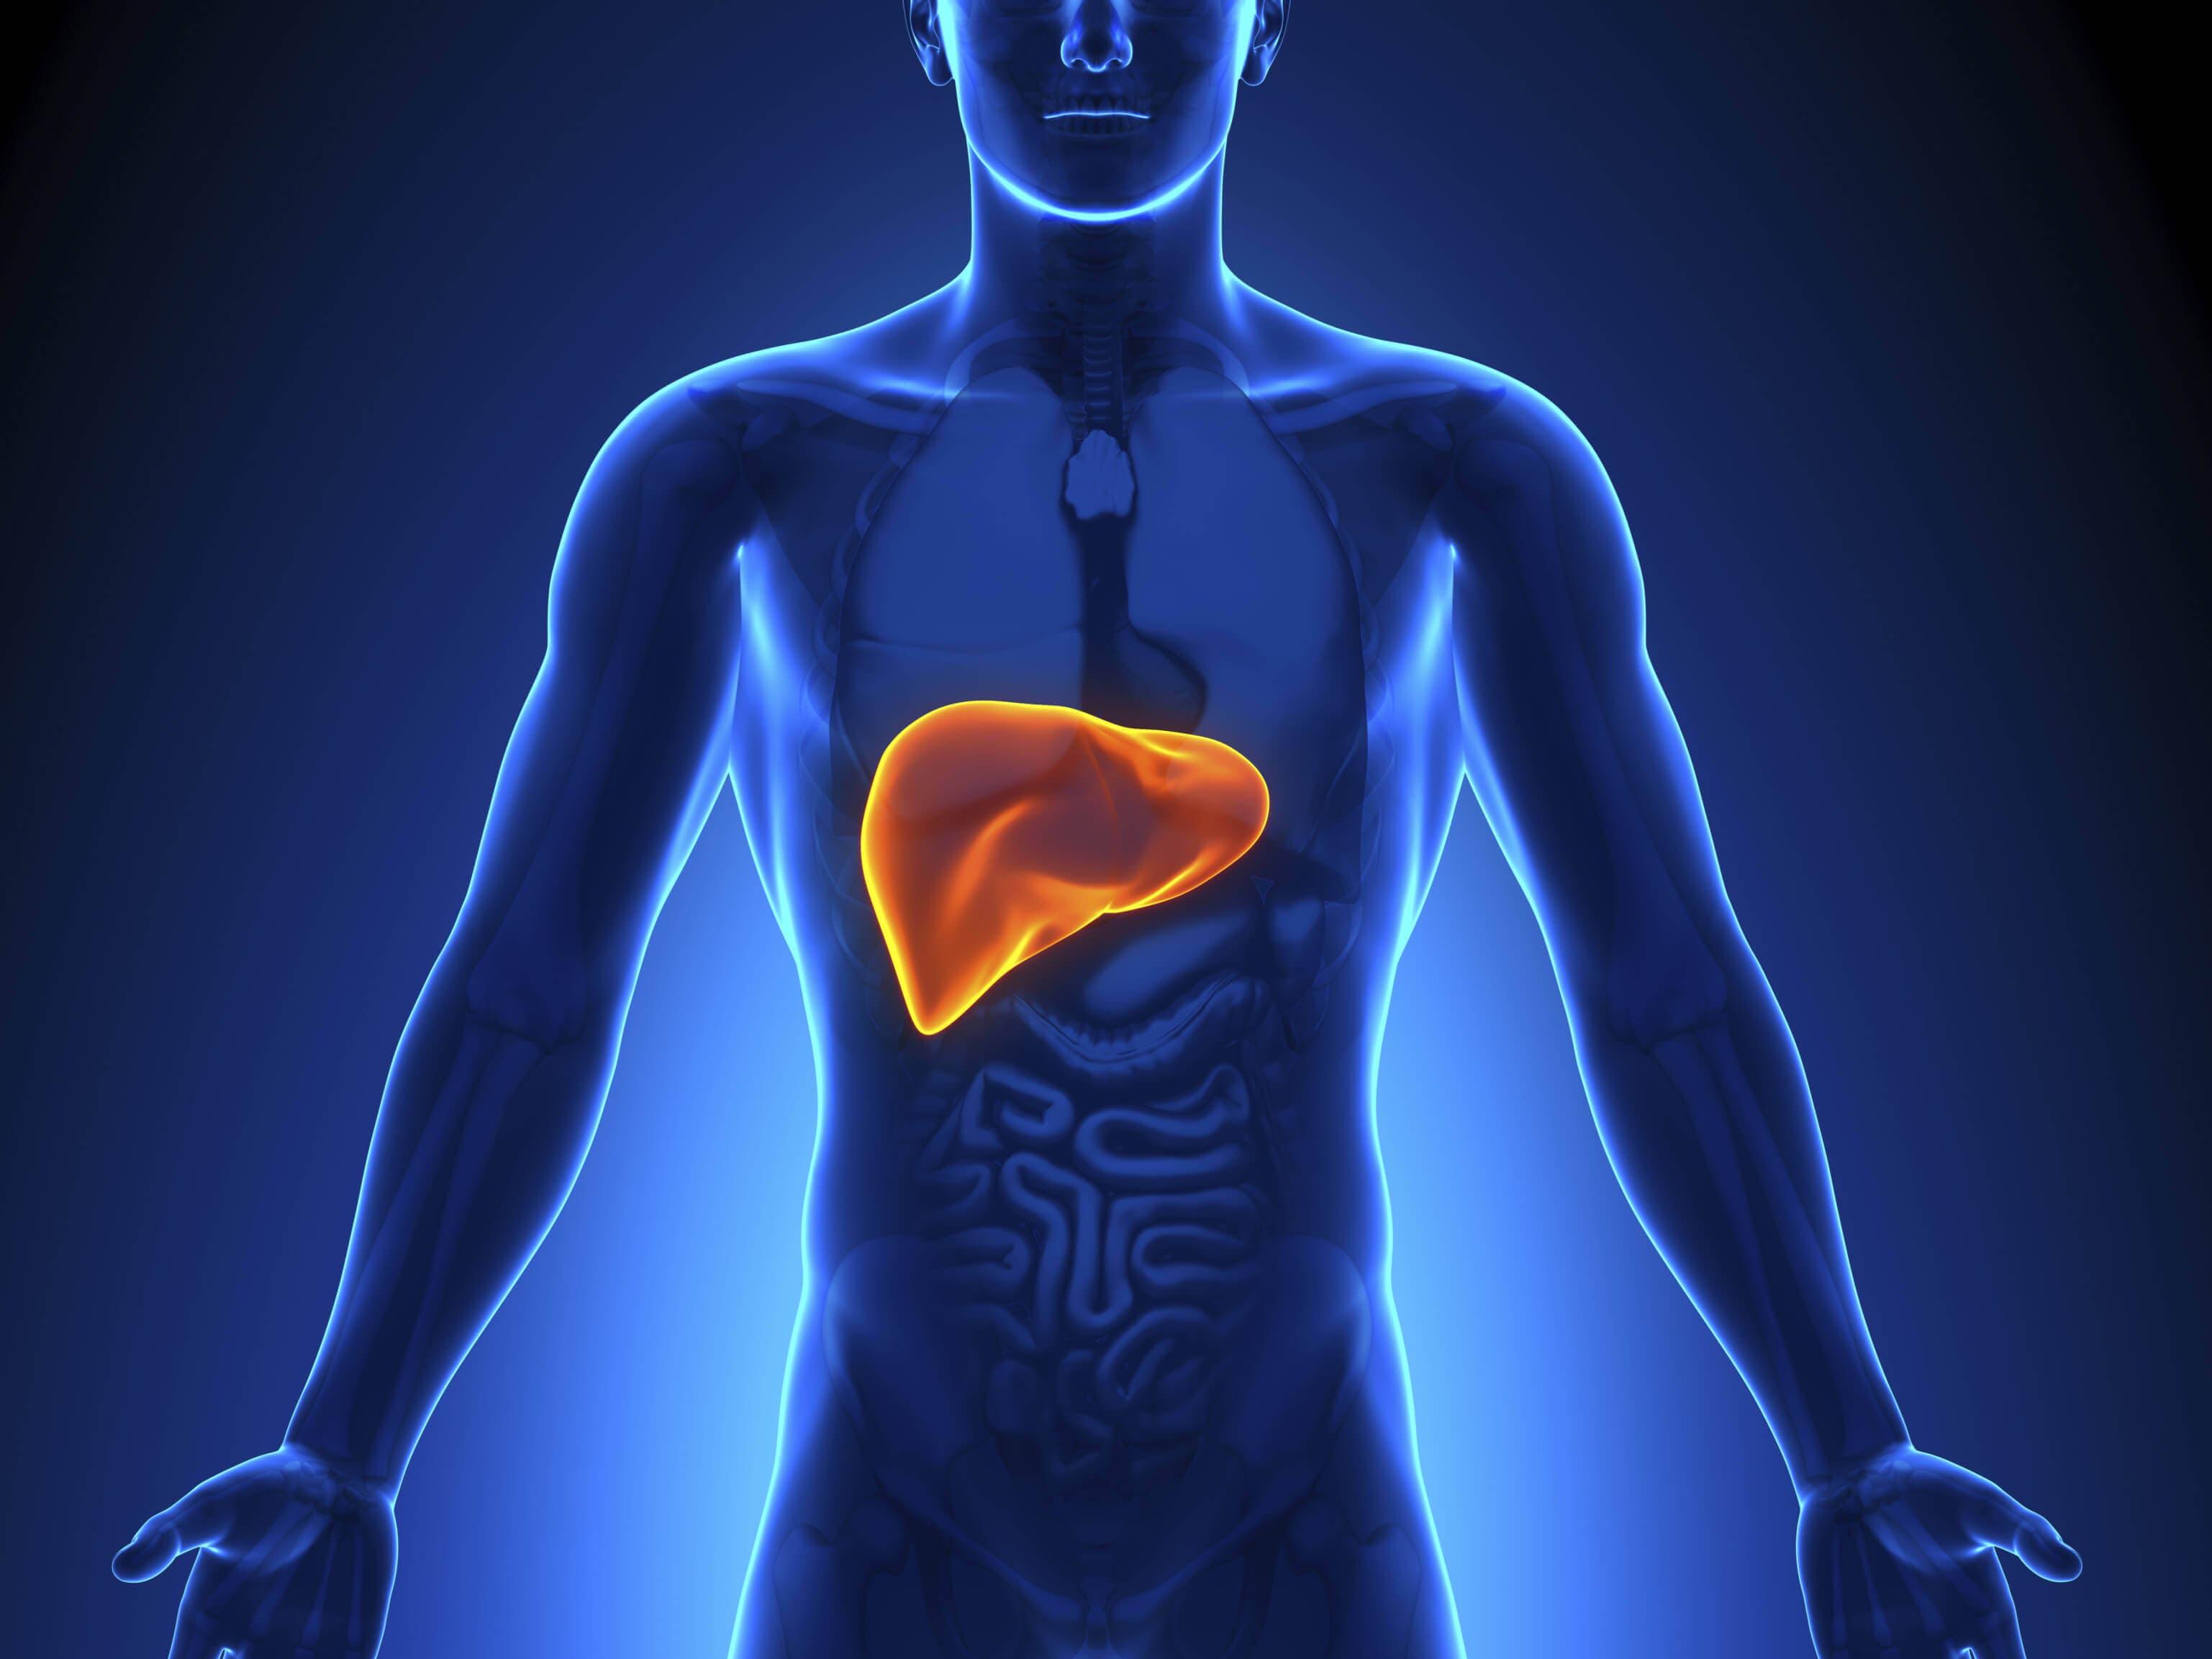 Karaciğer Temizleme Kürü İçin 4 Tarif